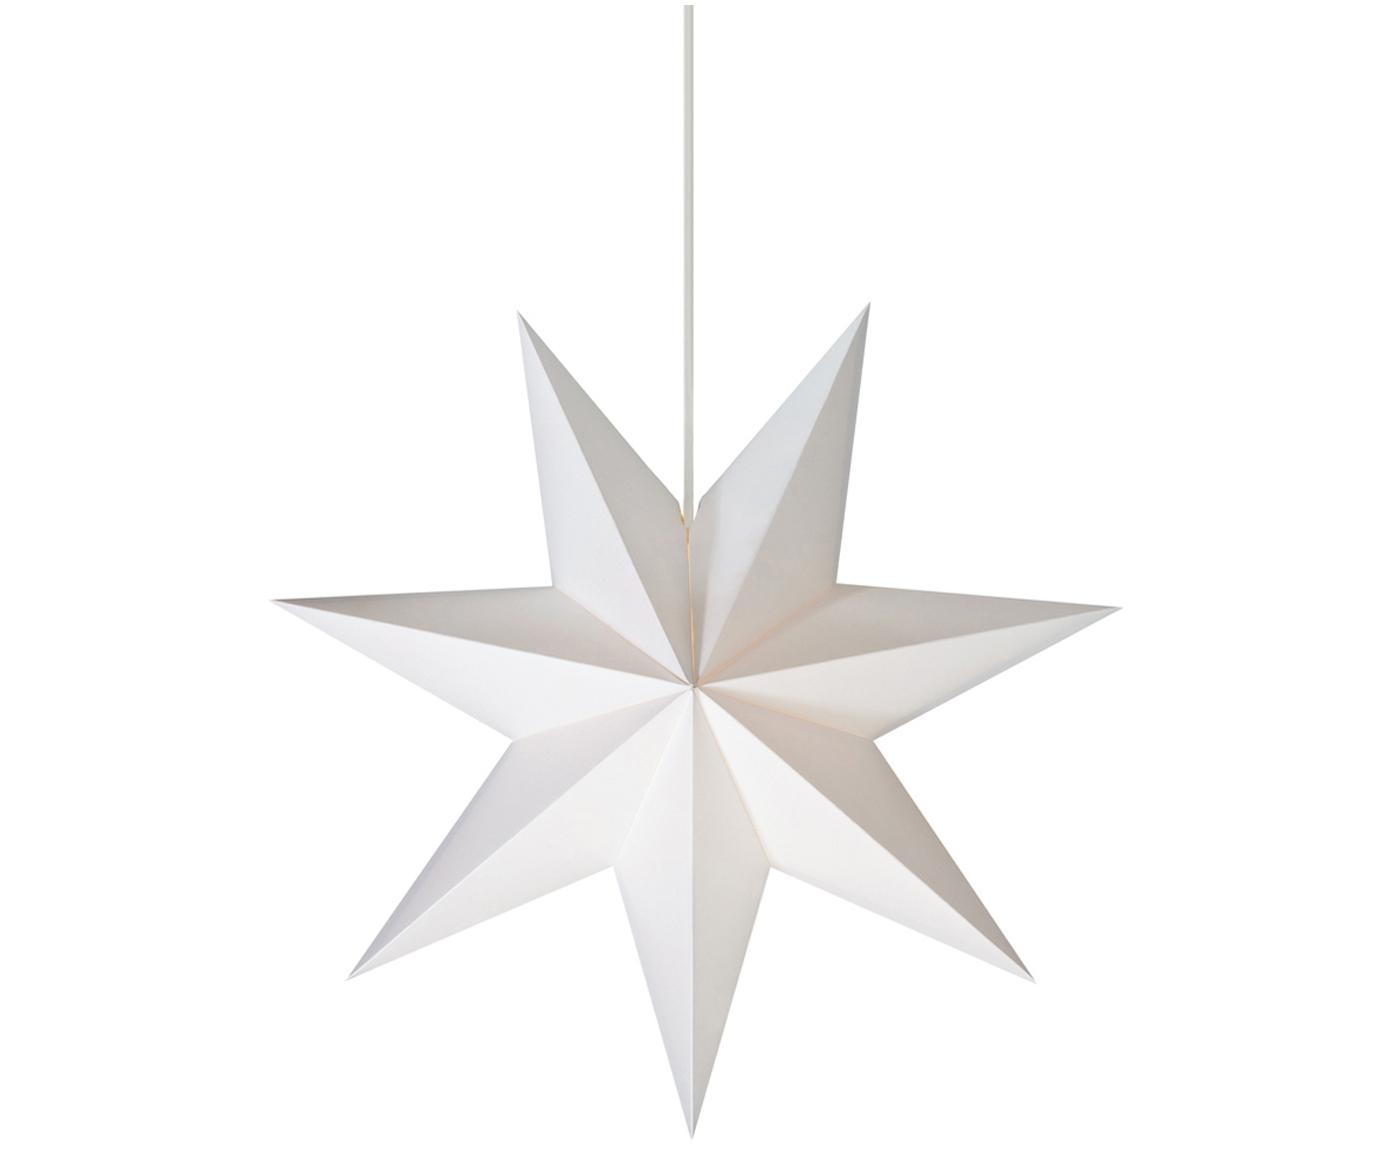 Leuchtstern Duva, Weiss, Ø 45 cm